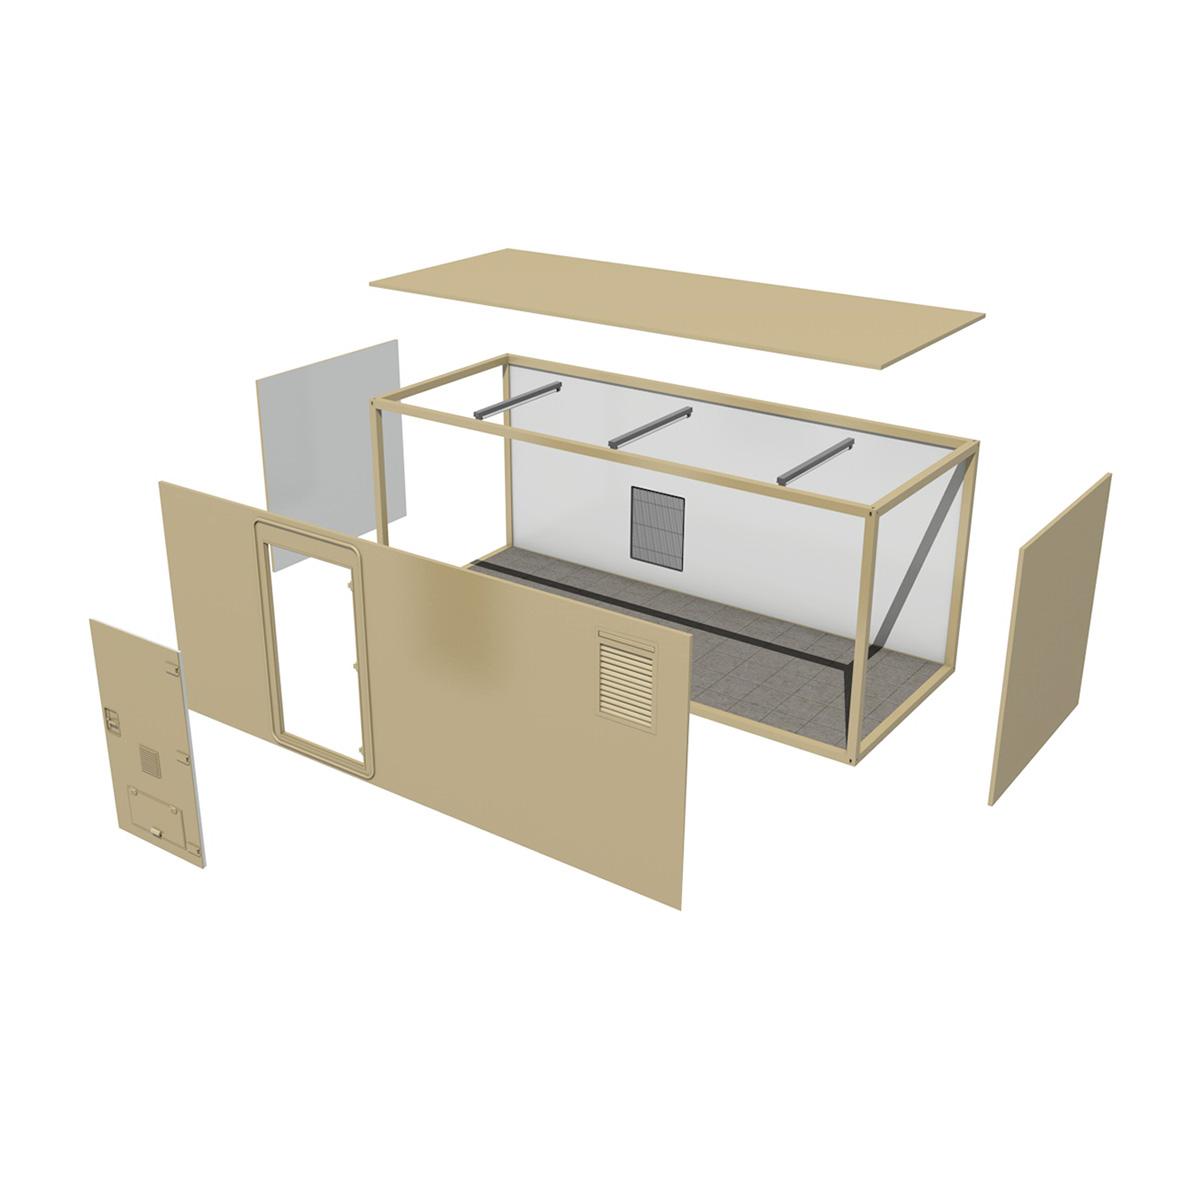 20ft biroja konteinera versija 3d modelis 3ds fbx c4d lwo obj 252270